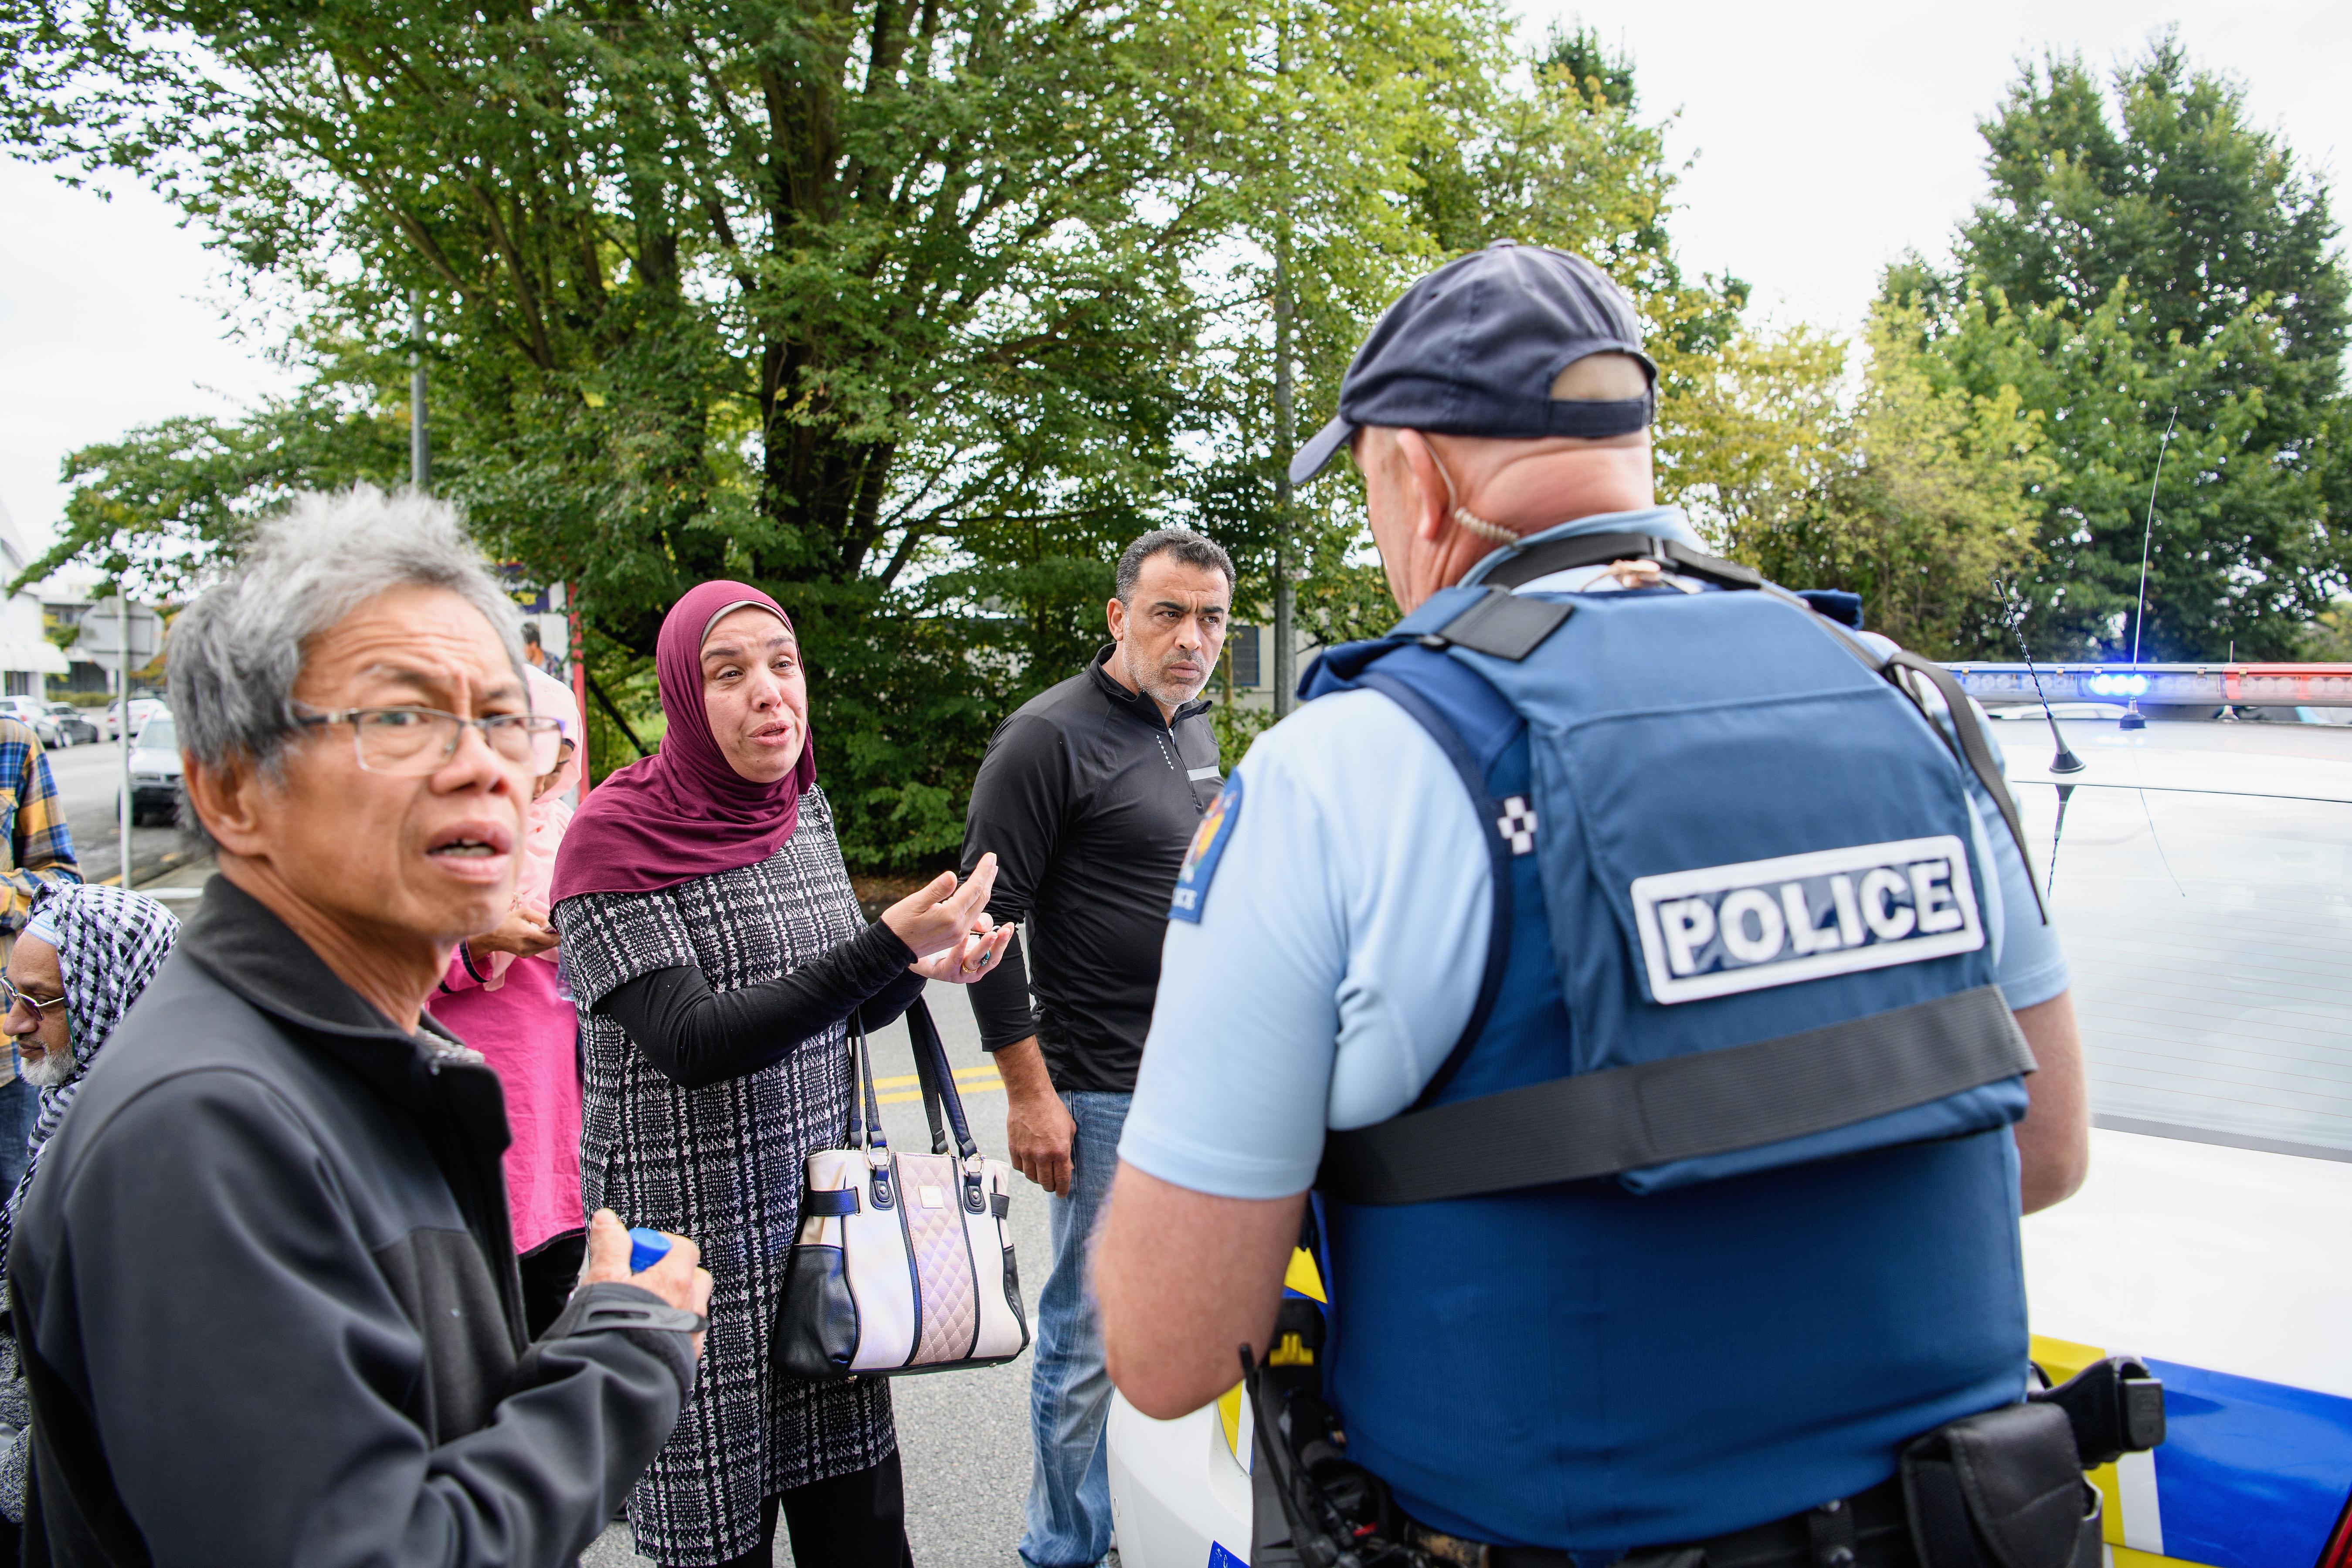 Cruz Vermelha cria site sobre desaparecidos após ataque na Nova Zelândia